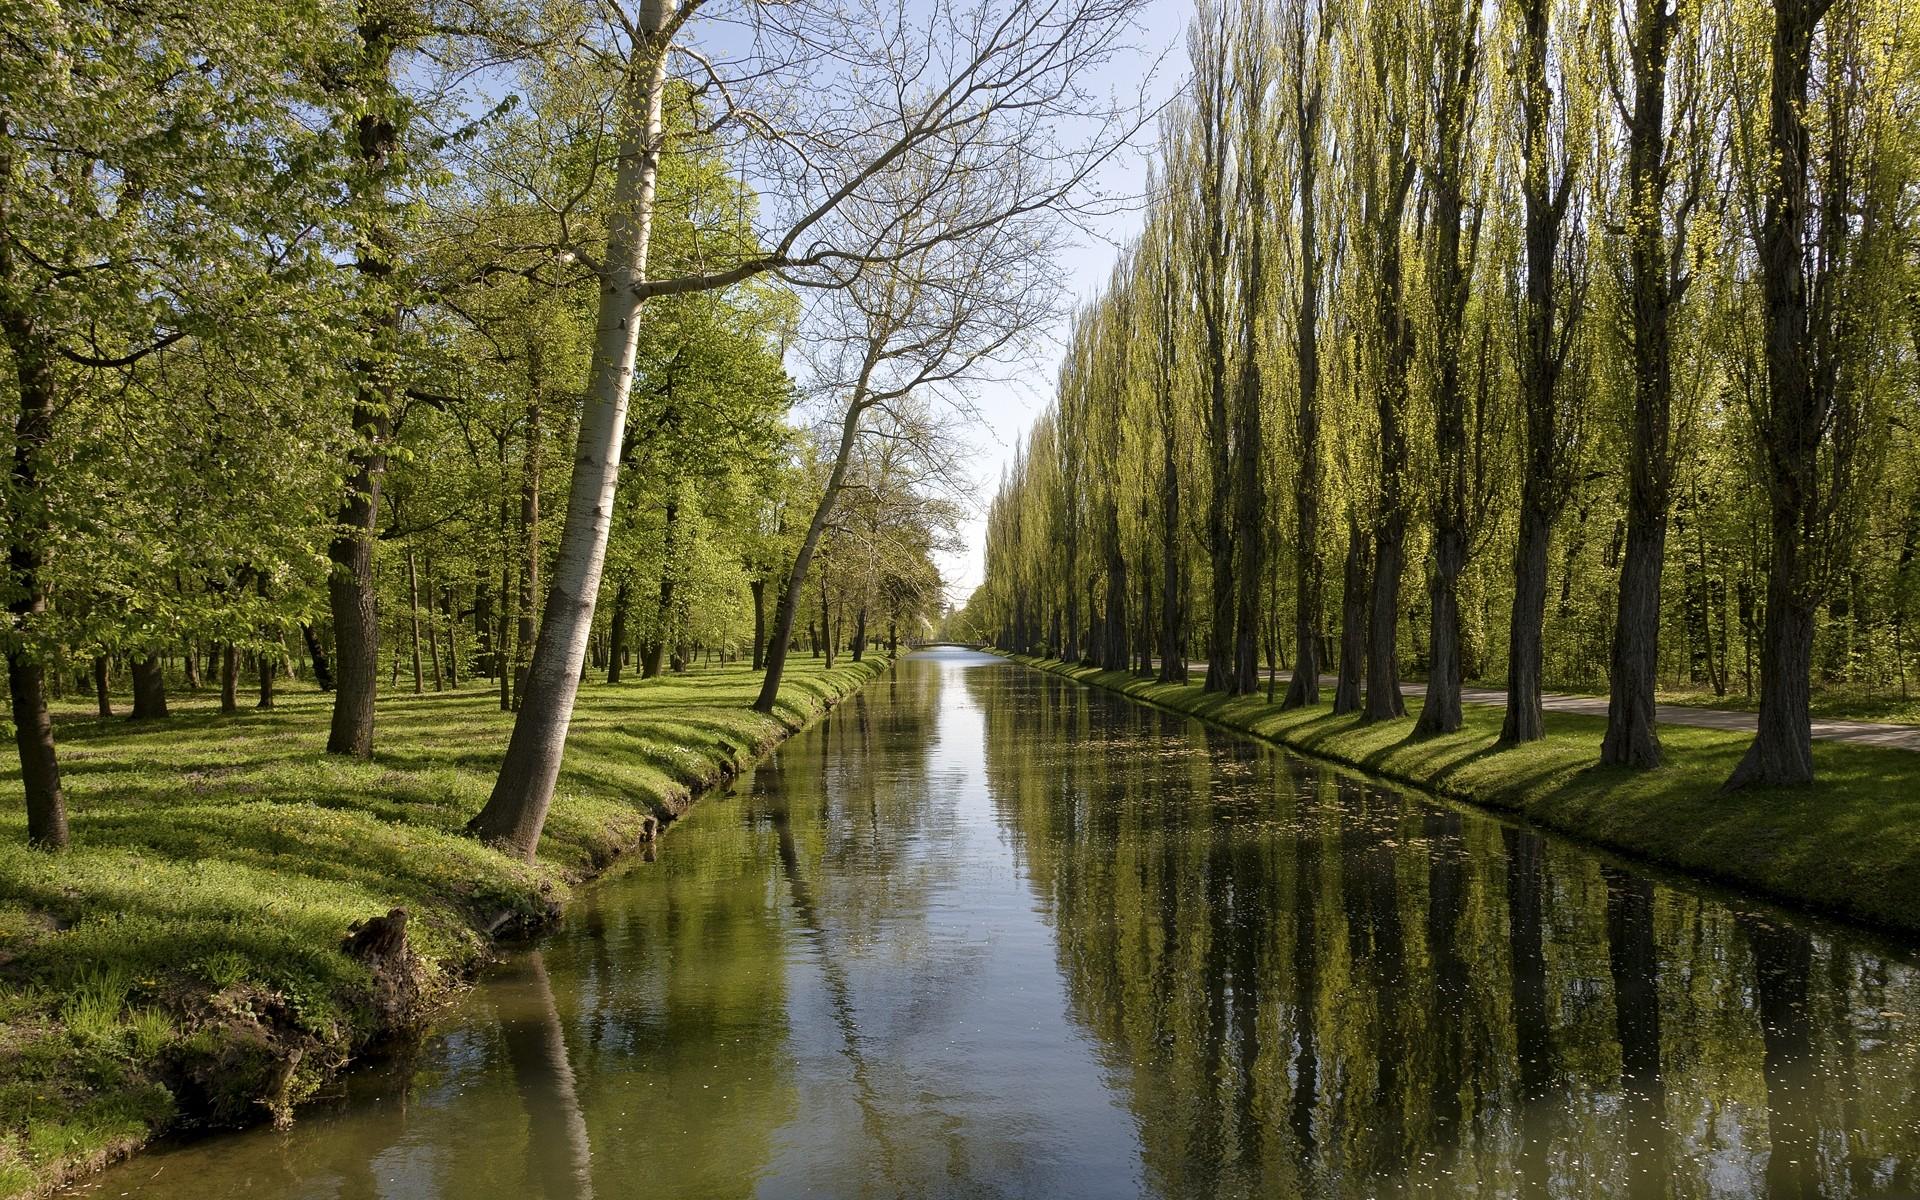 Canal Wallpaper